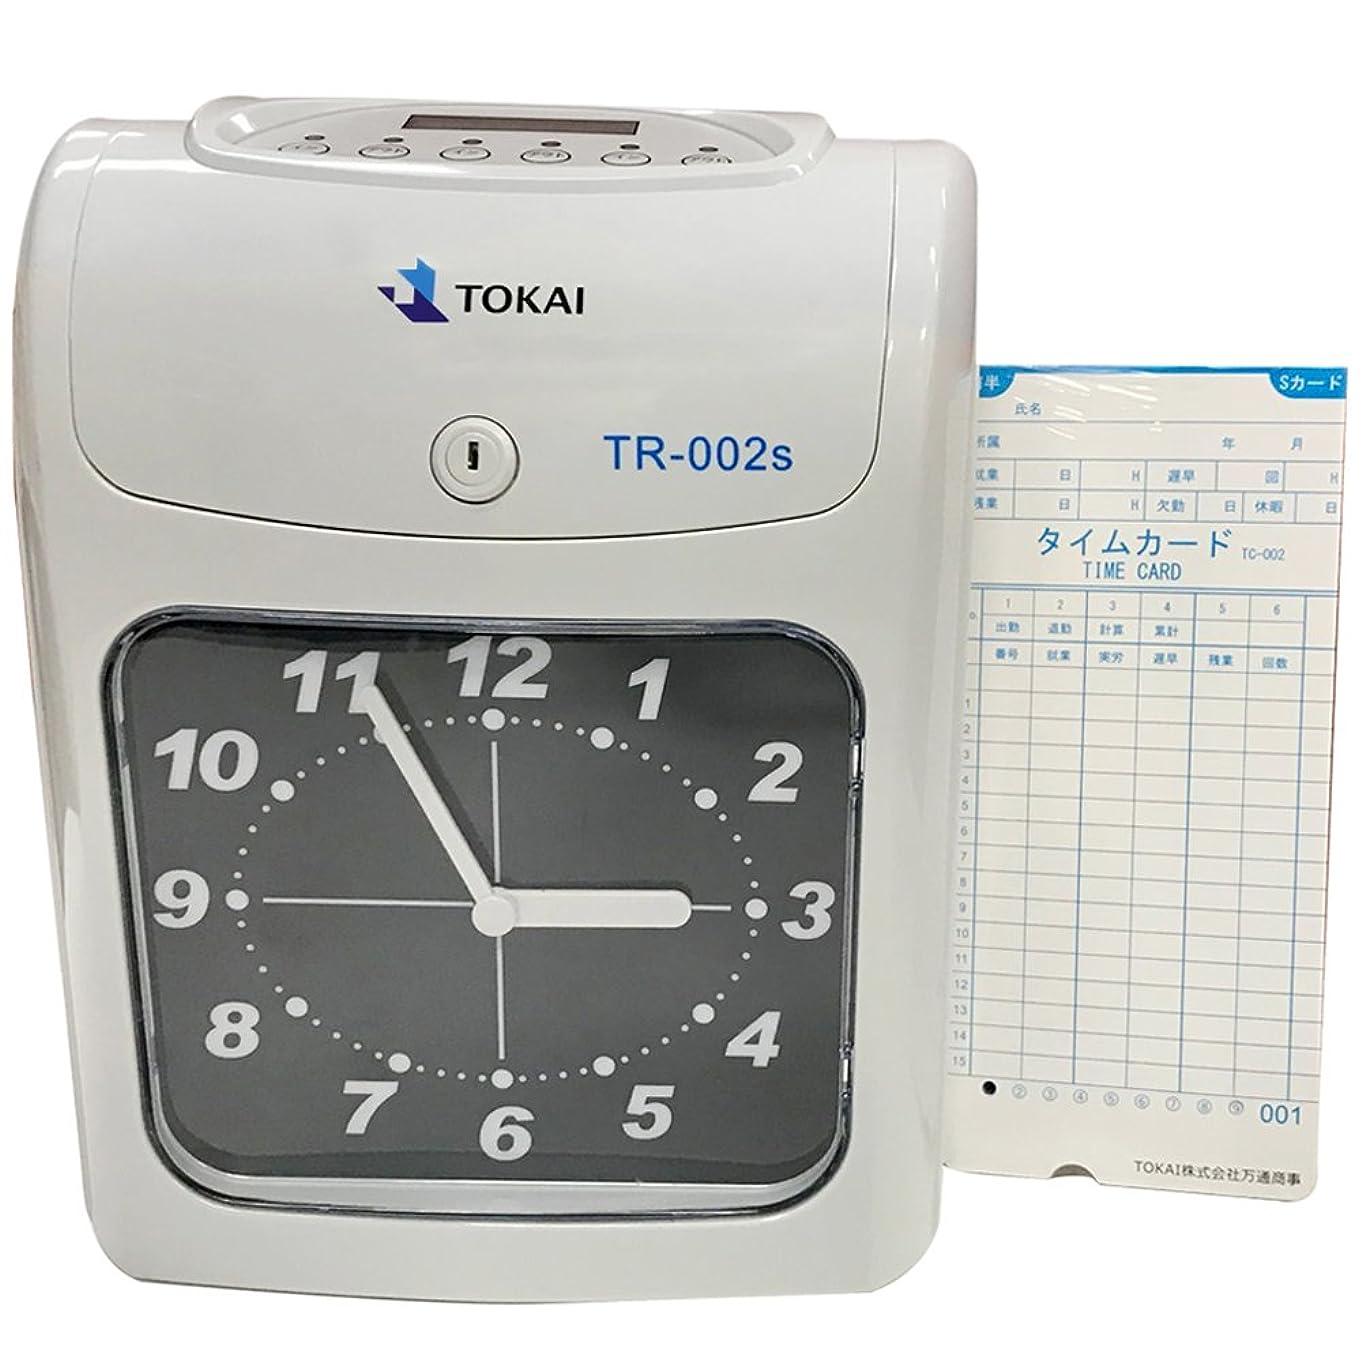 仕方タッチ幻想的マックス タイムレコーダー 1日6回印字 月間集計機能付き 電波時計搭載 ER-250S2